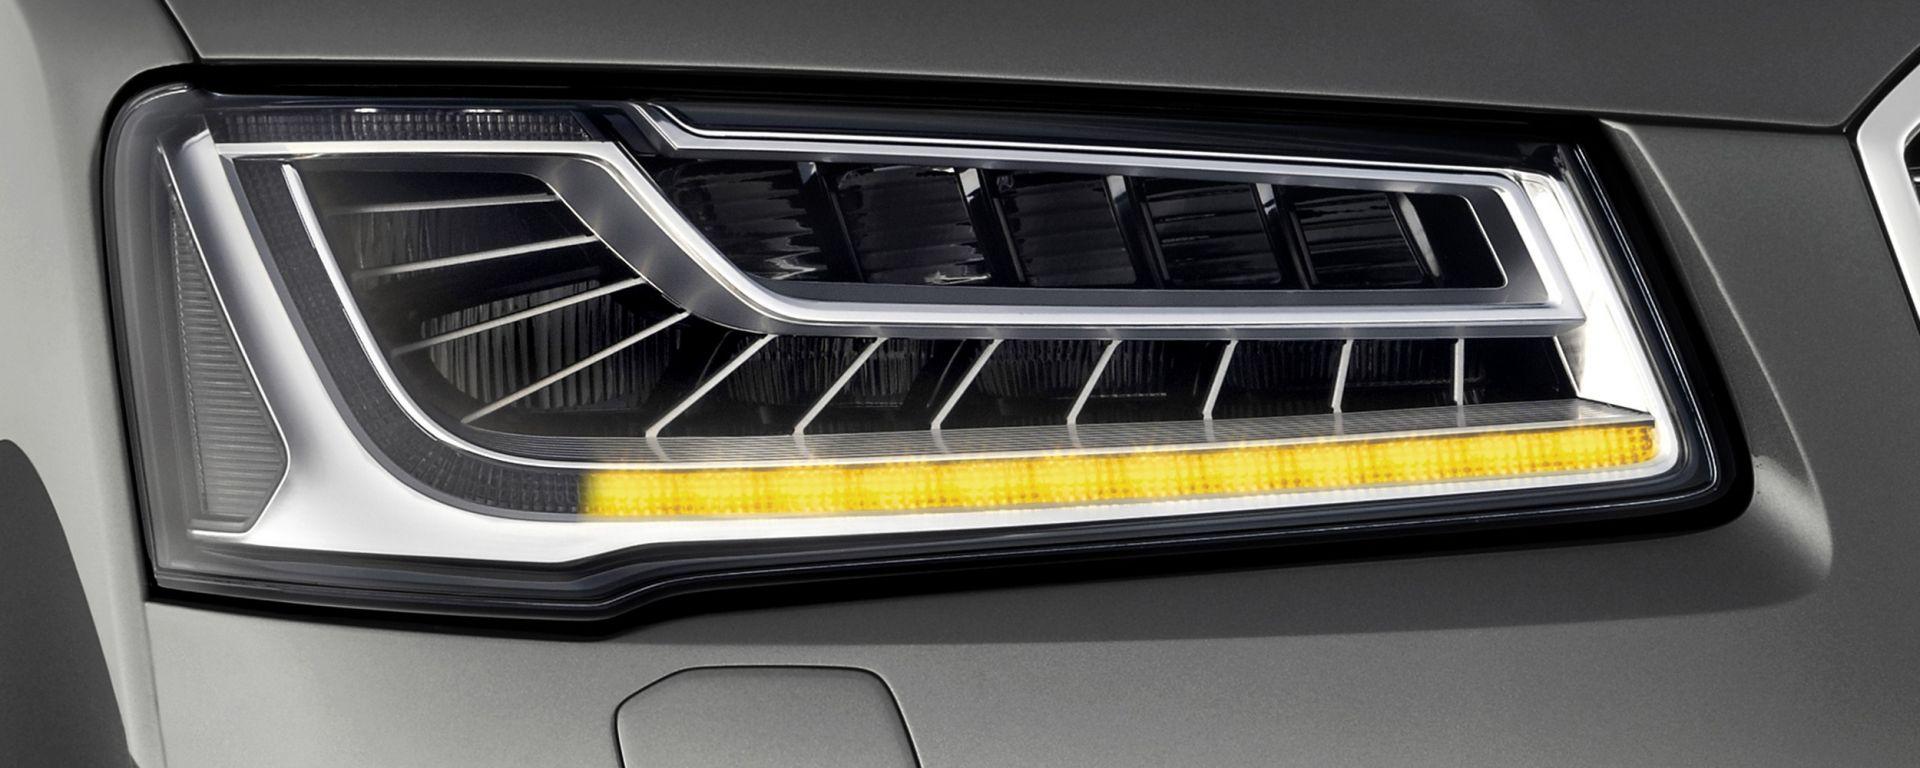 Audi A8 2014: al suo arco c'è una nuova... freccia